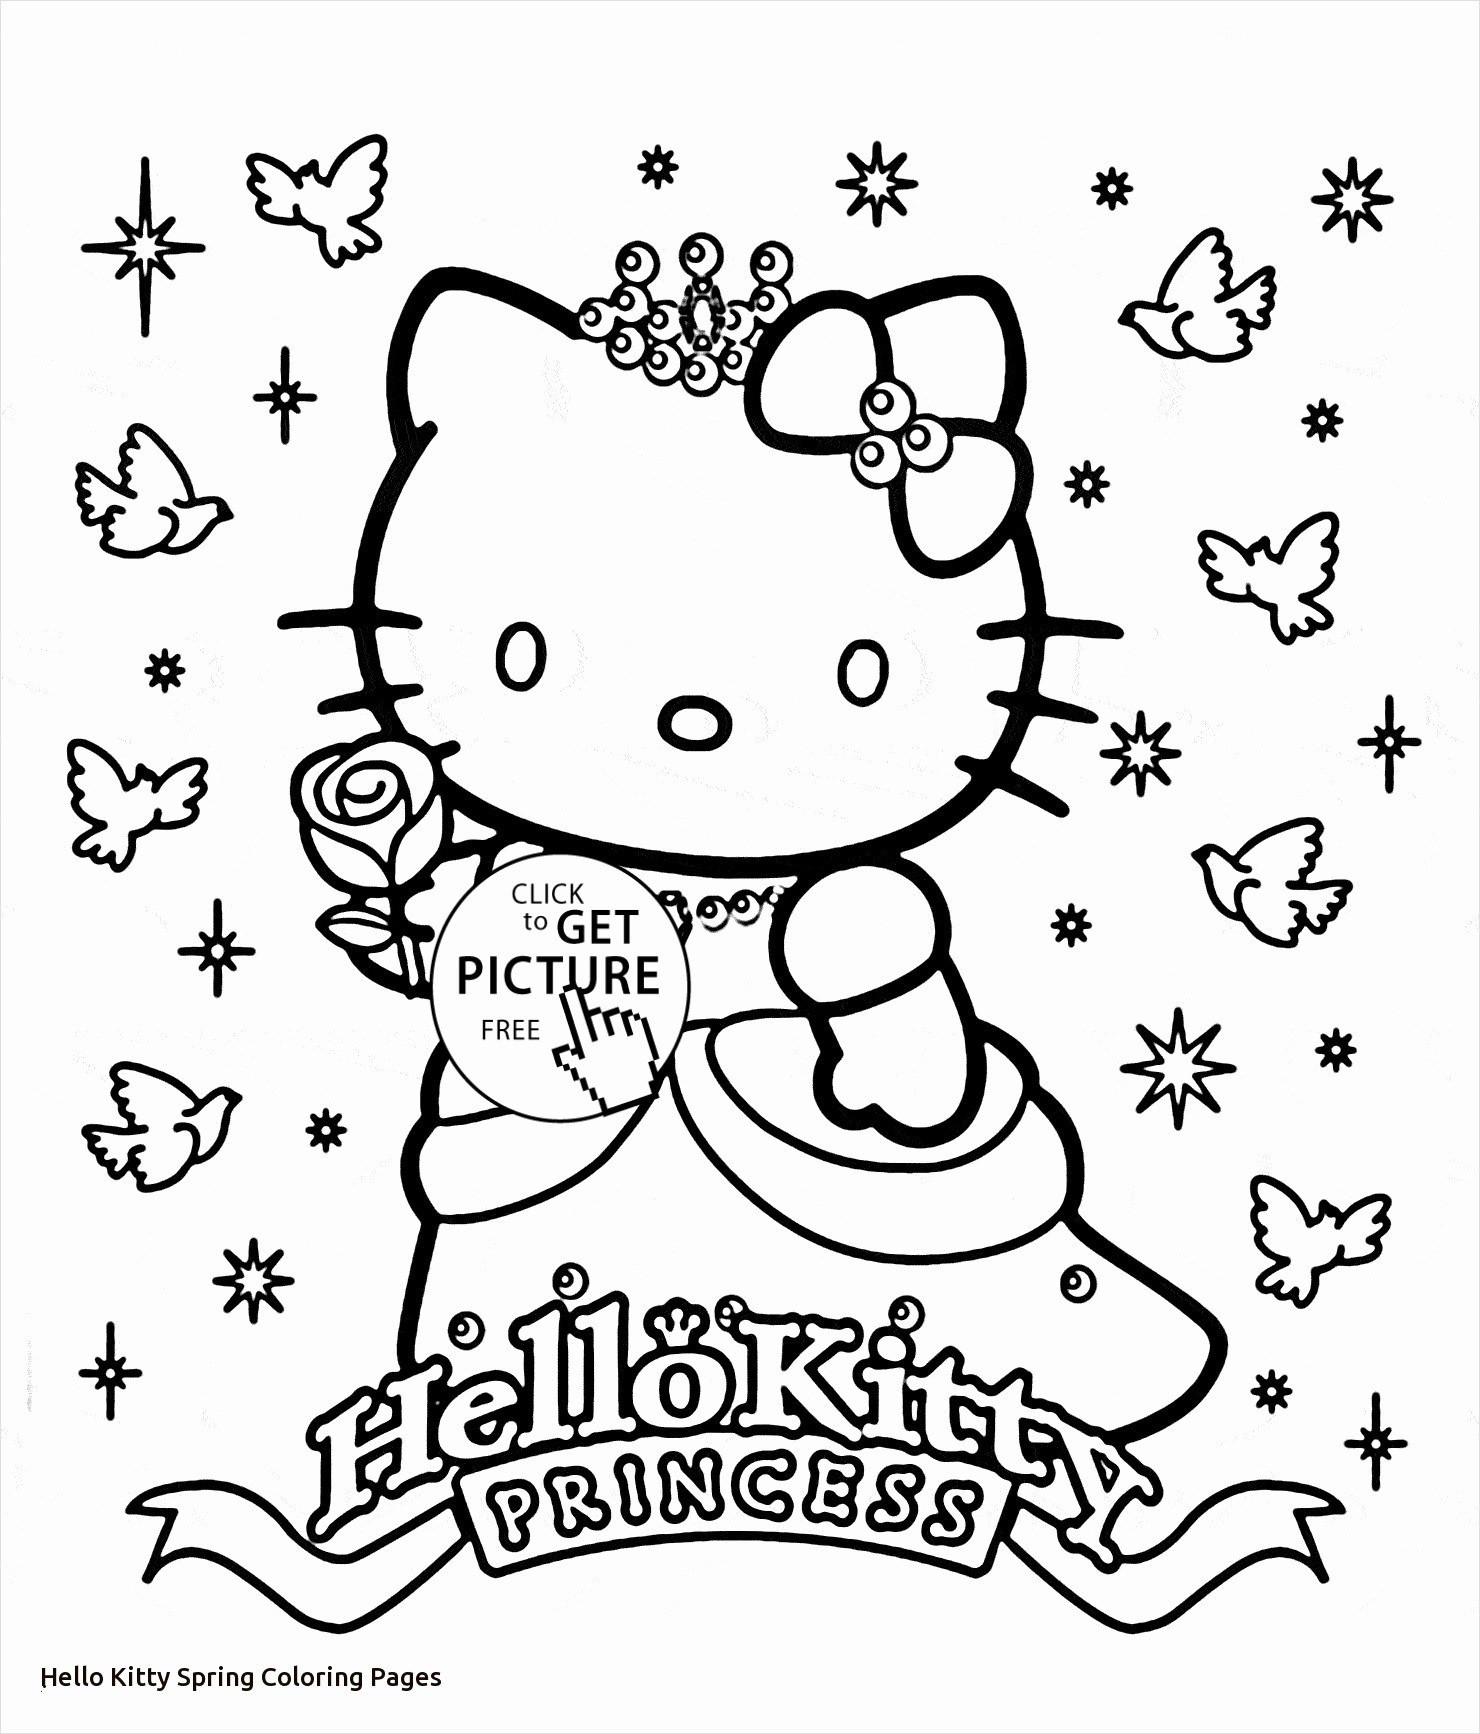 Hello Kitty Ausmalbild Genial 40 Skizze Ausmalbilder Hello Kitty Treehouse Nyc Sammlung